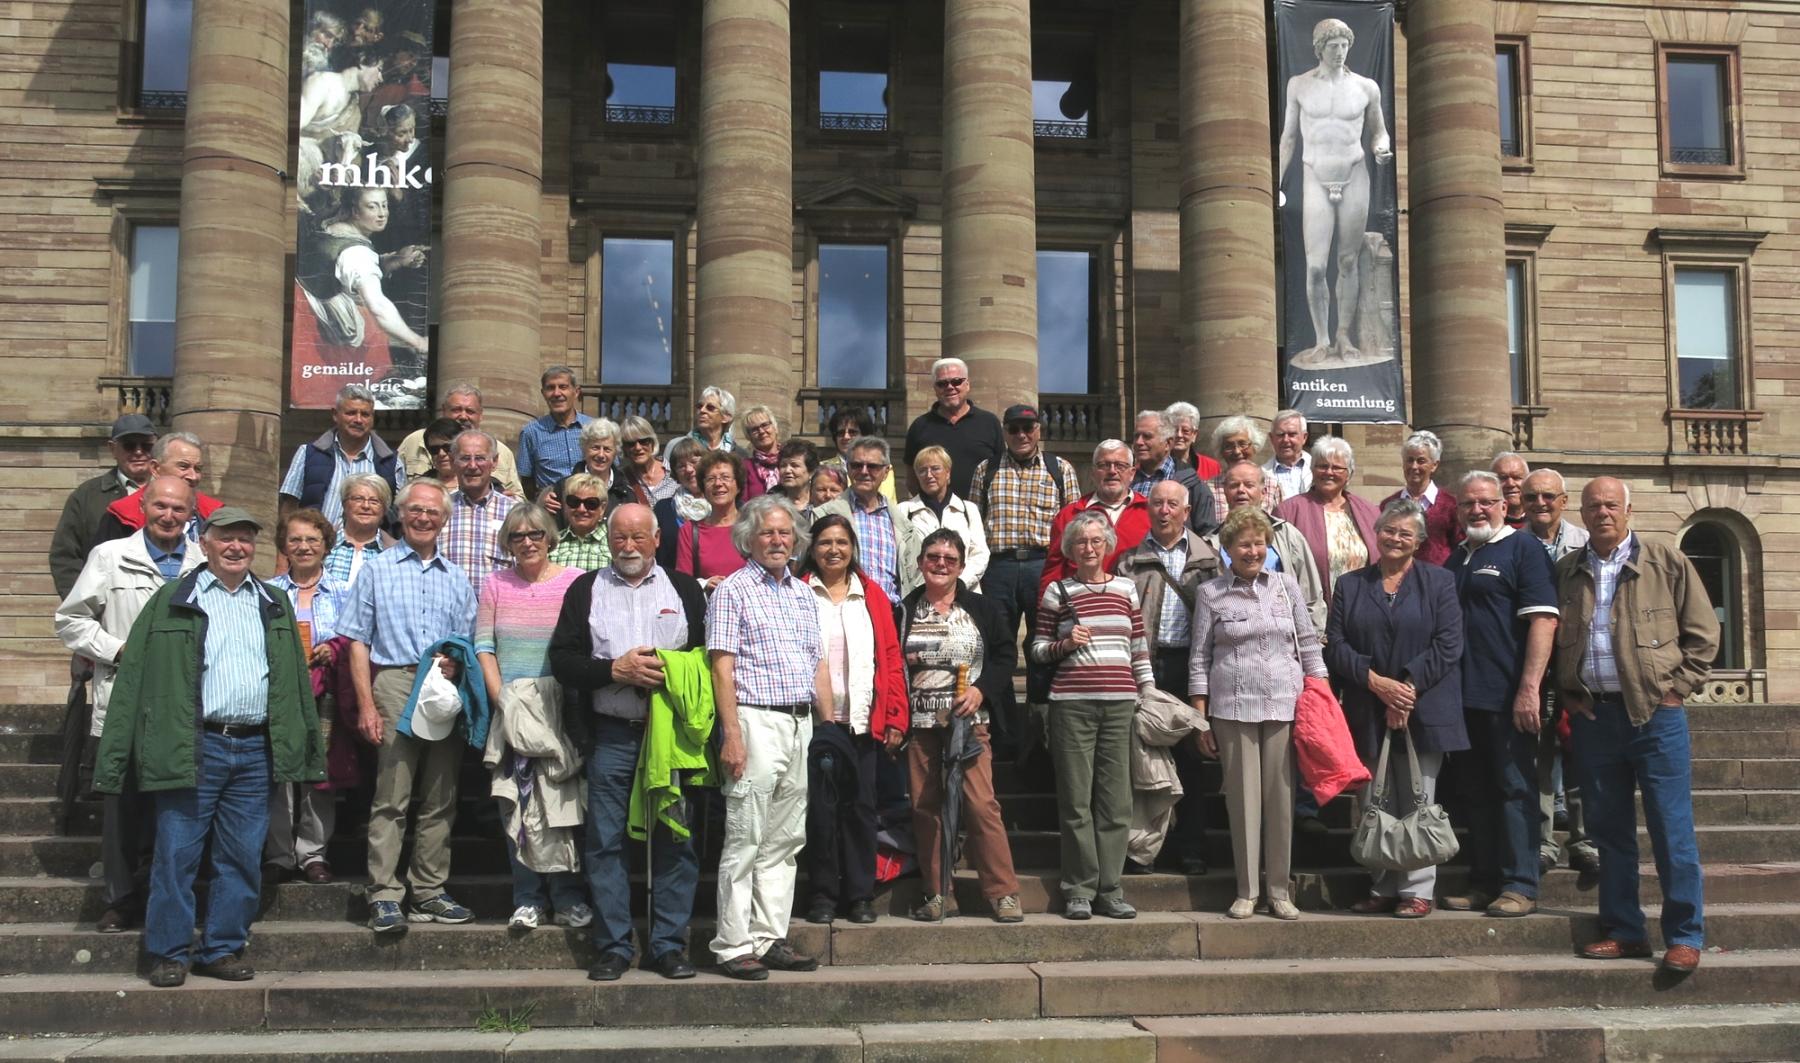 2015_06_24 Jahresausflug, nach Kassel-Wilhelmshöhe